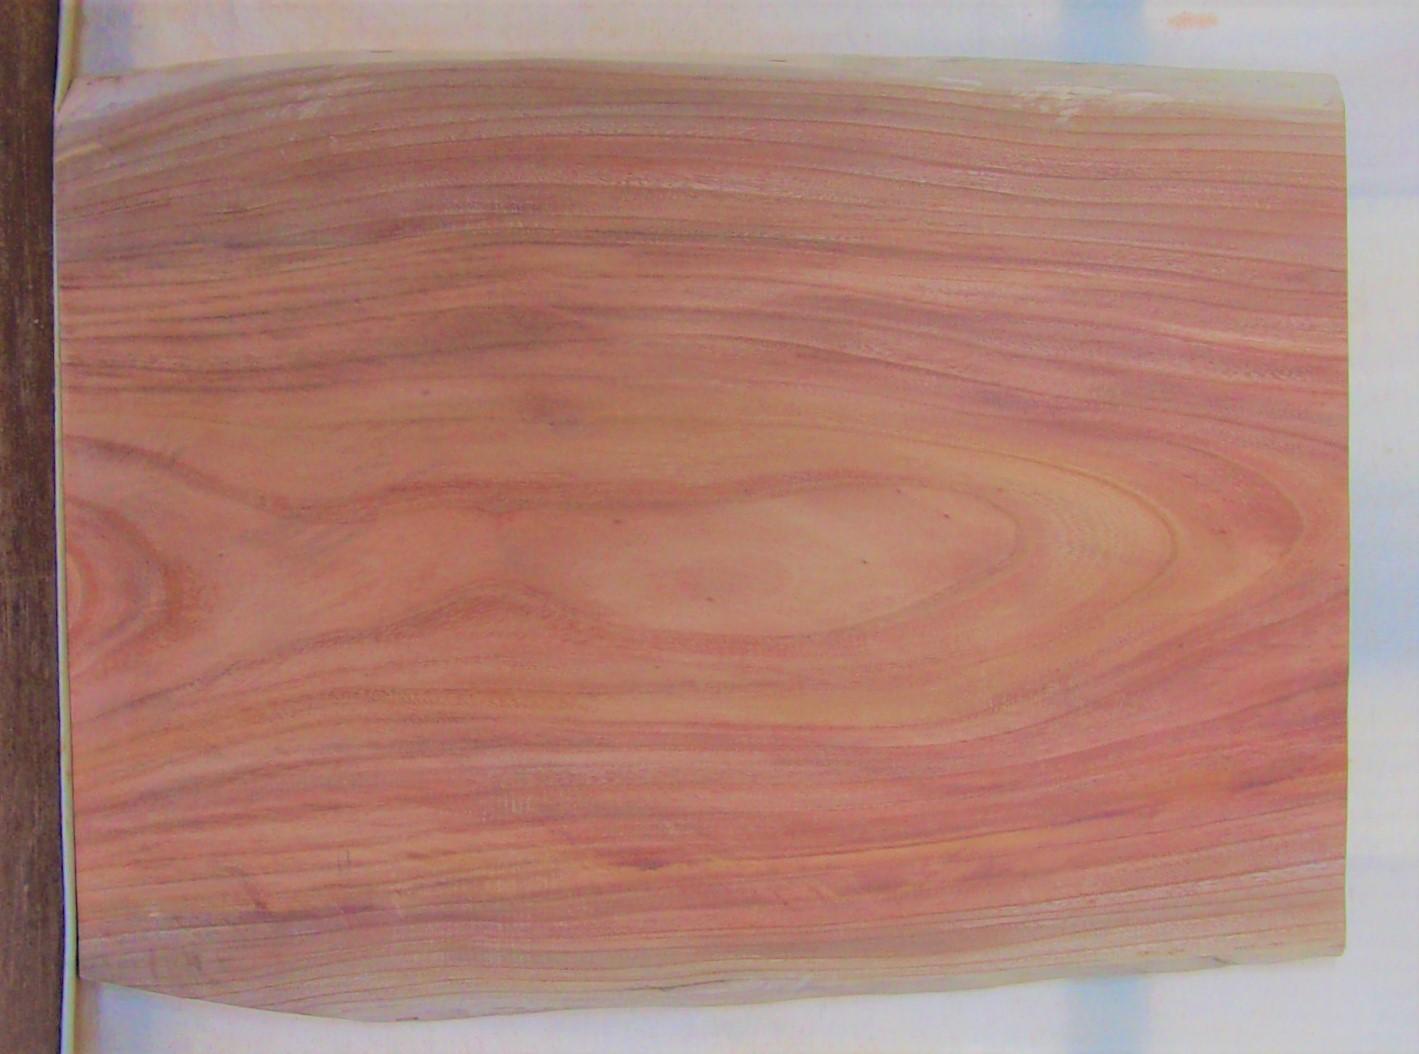 【送料・手数料無料】 山成林業 中型無垢一枚板 KC-624 ケヤキ 中型看板に最適